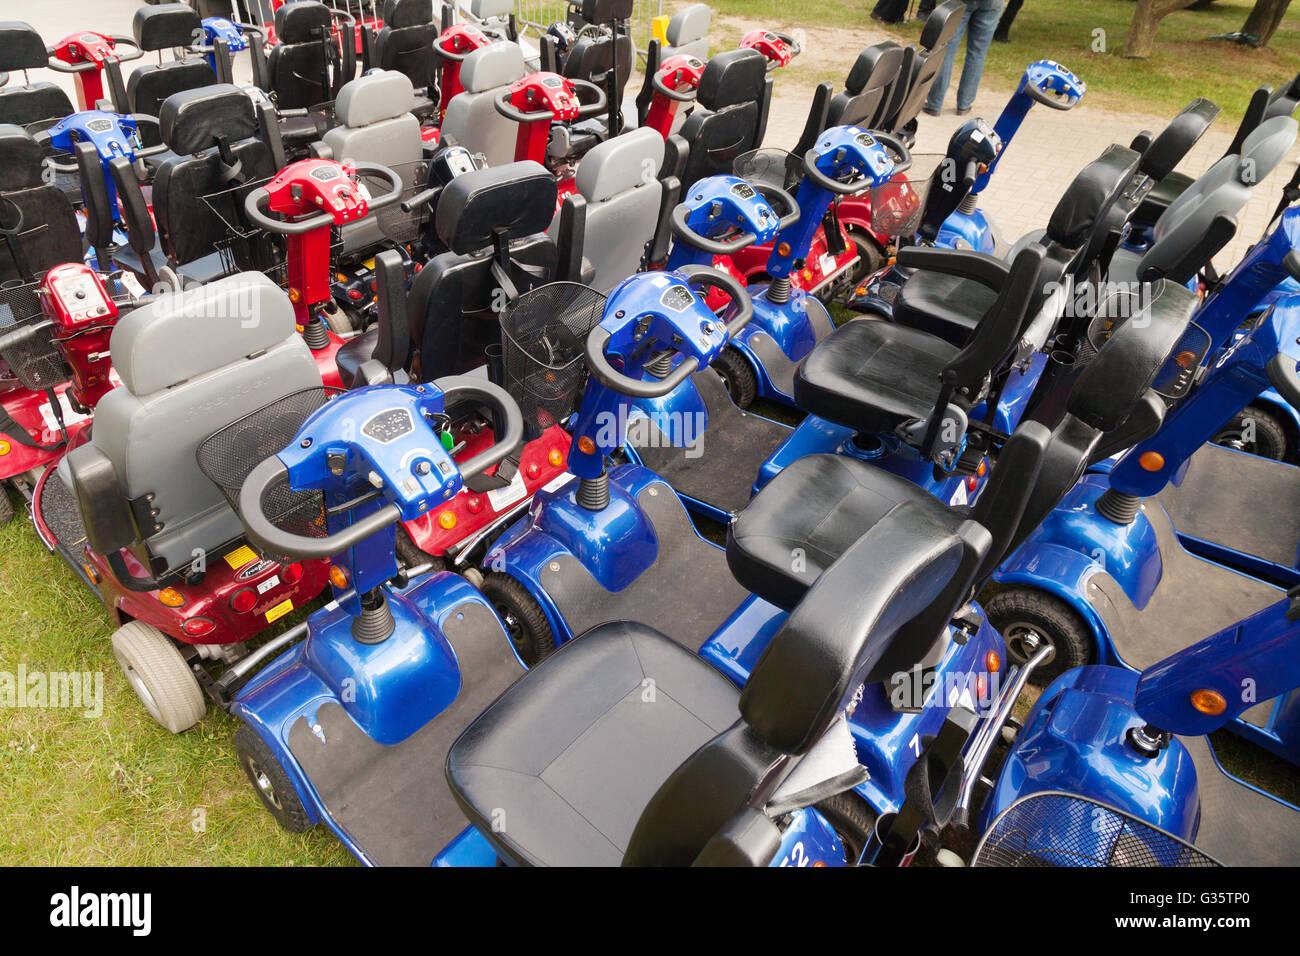 Un groupe de scooters de mobilité pour l'emploi des personnes handicapées, UK Photo Stock